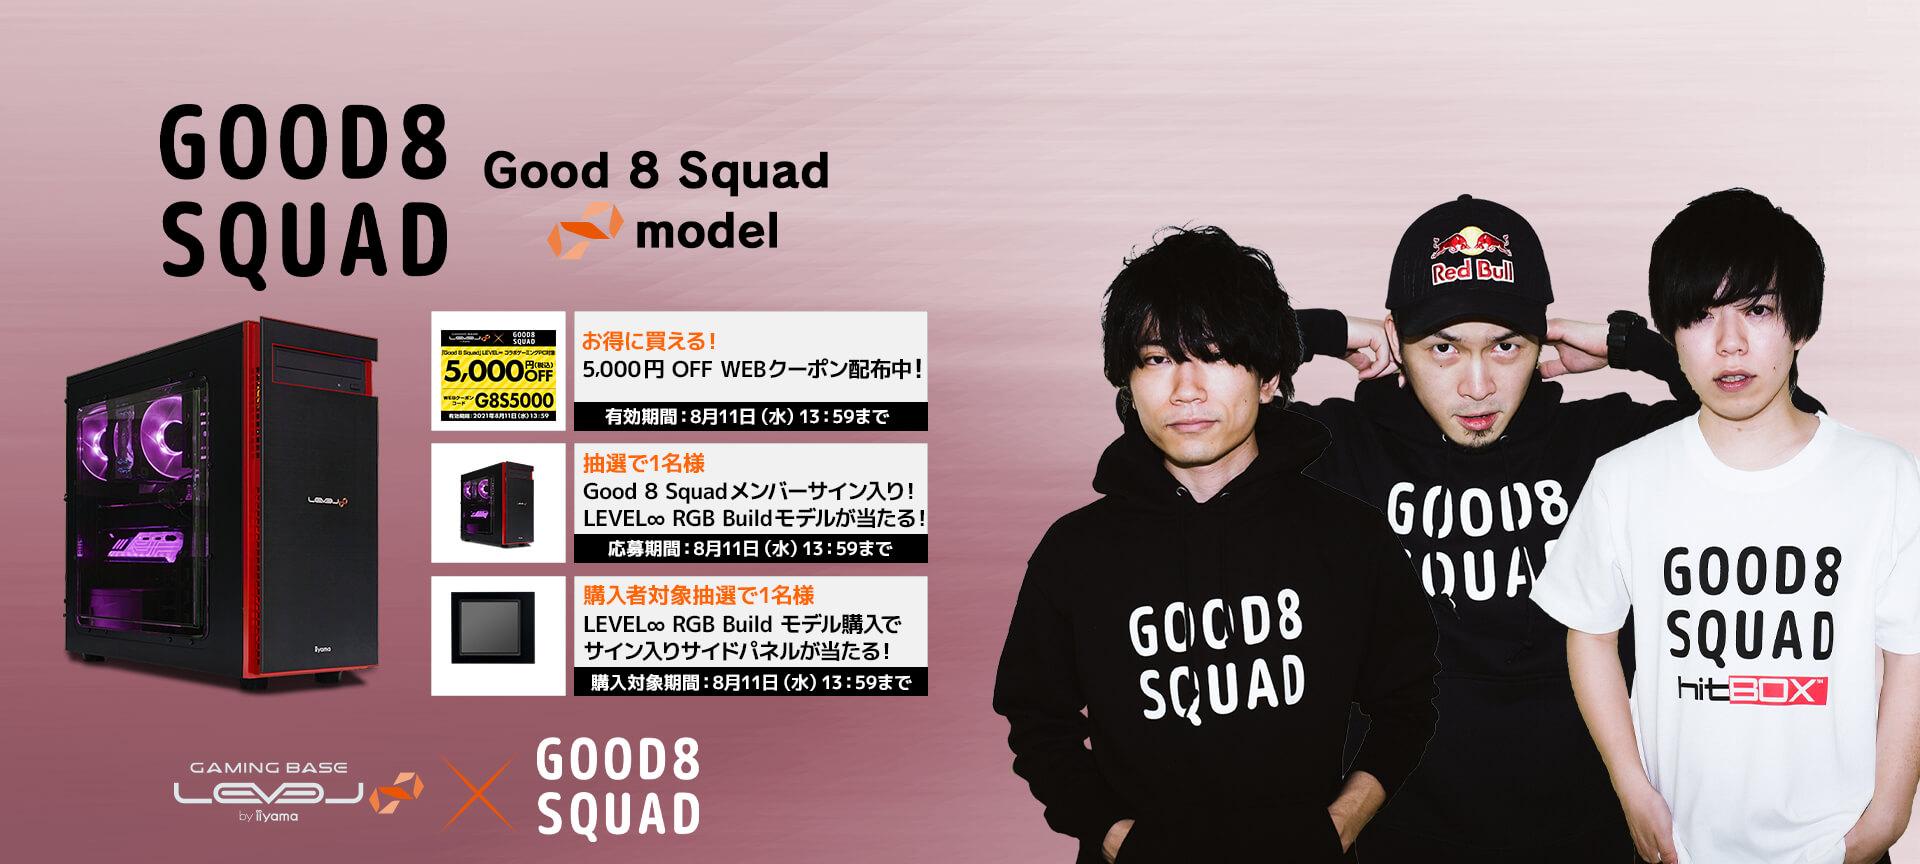 Good 8 Squad コラボゲーミングPC